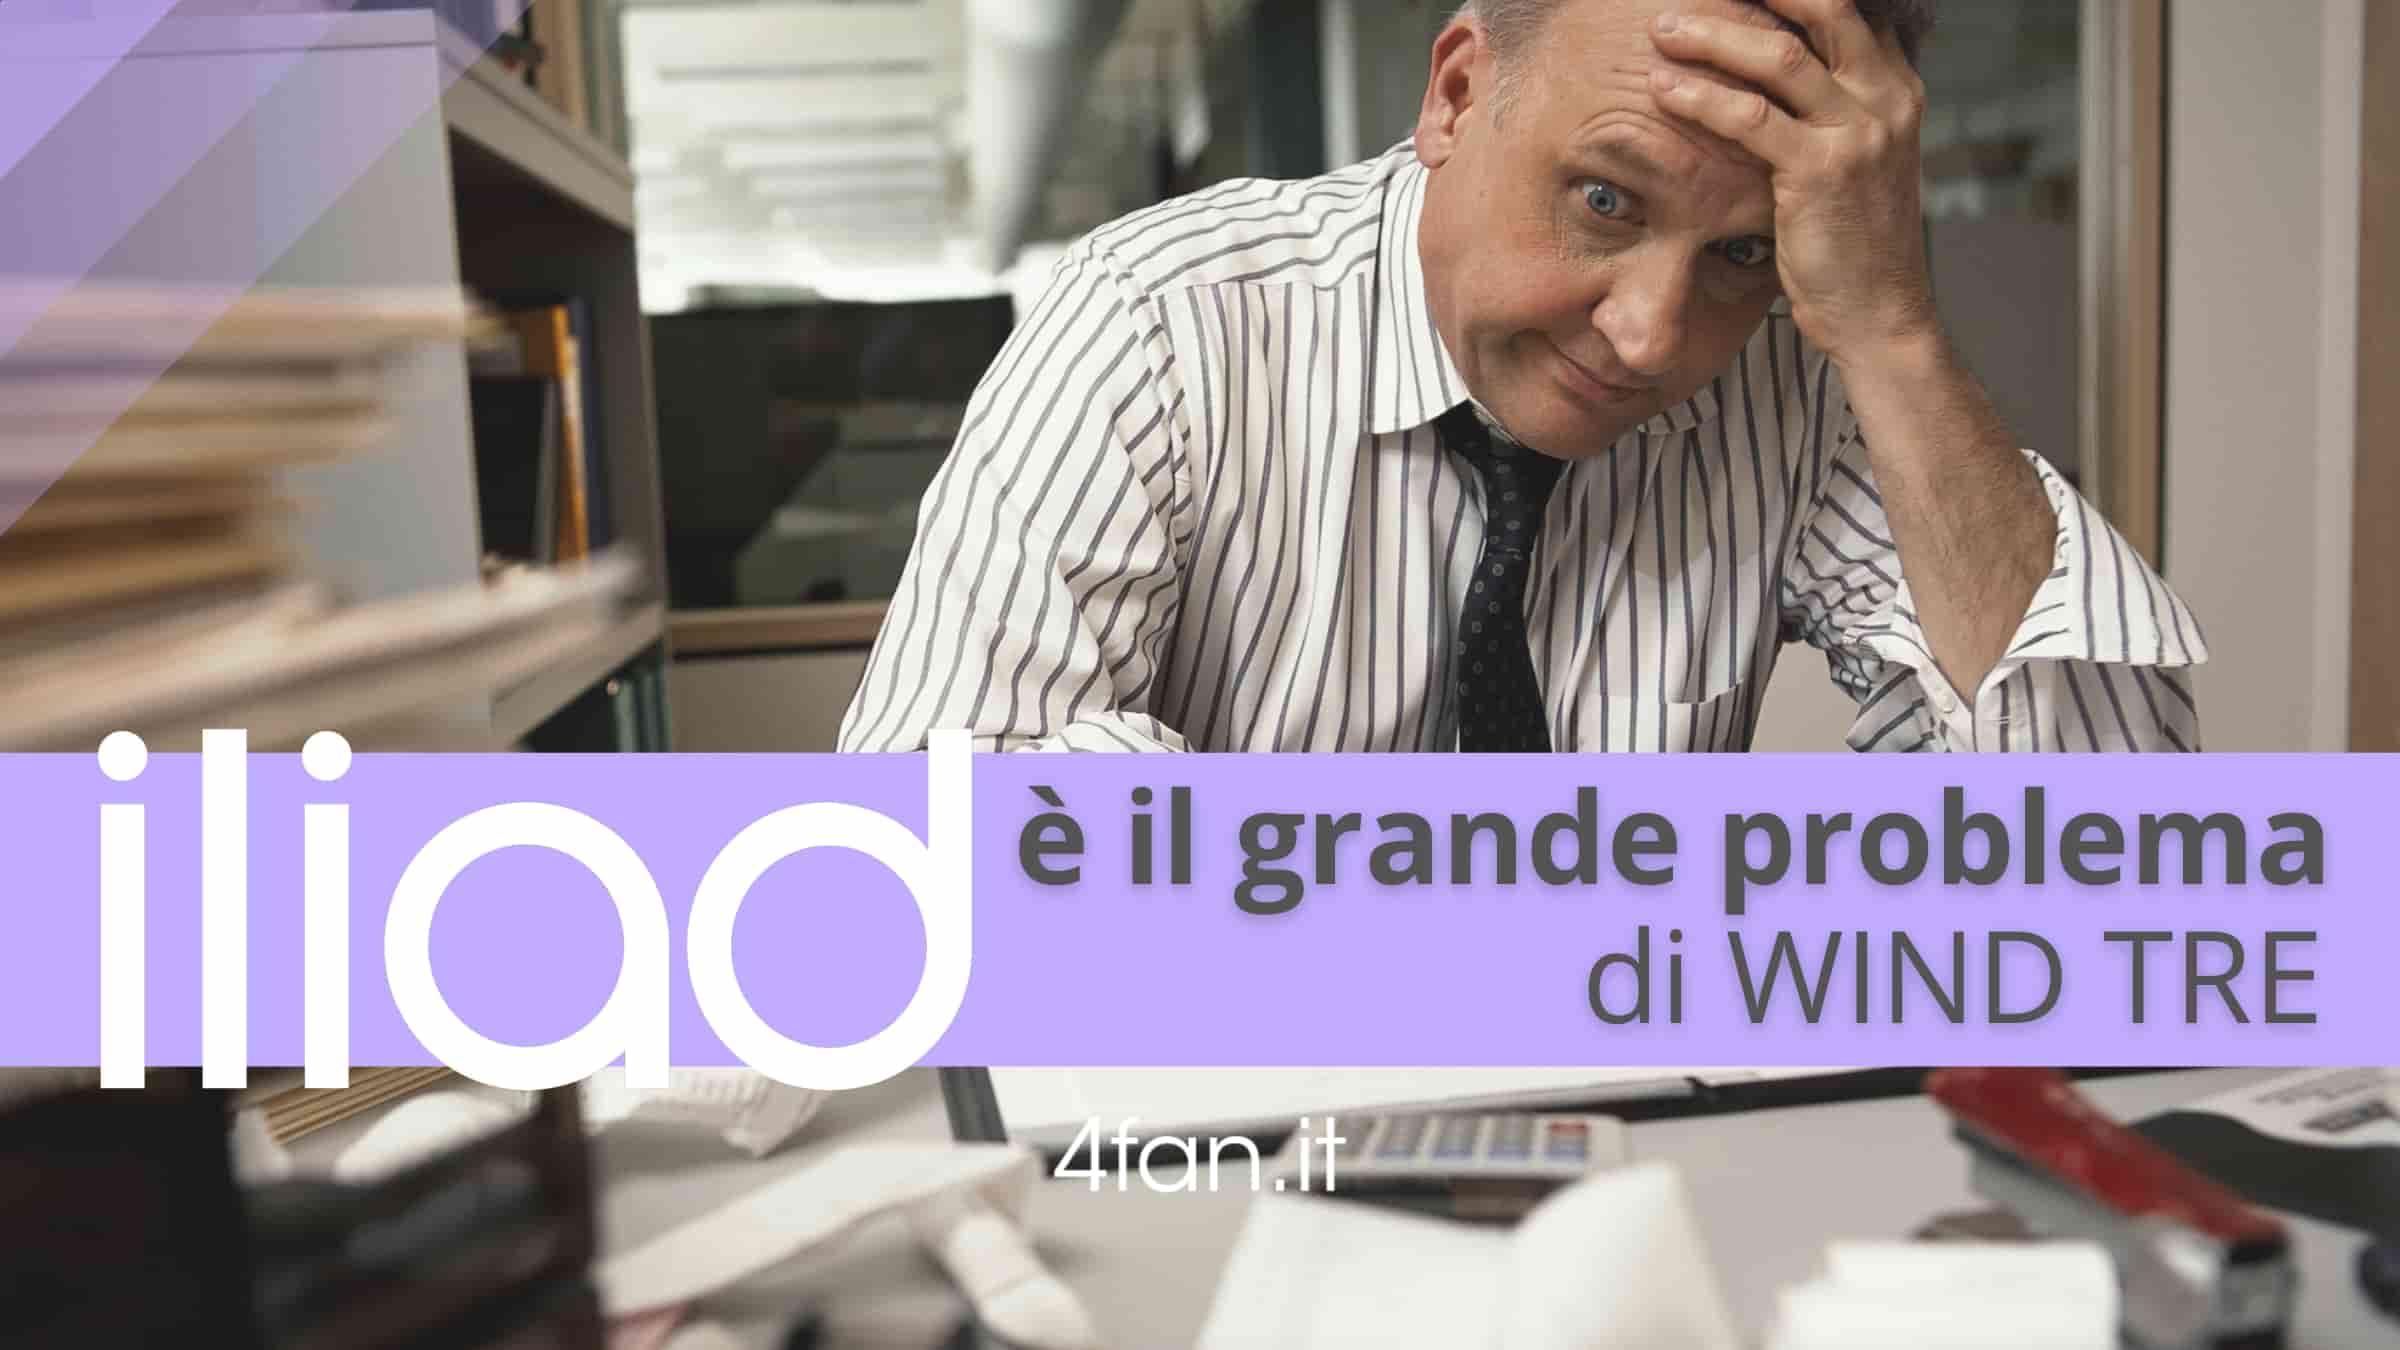 Iliad grande problema di WindTre